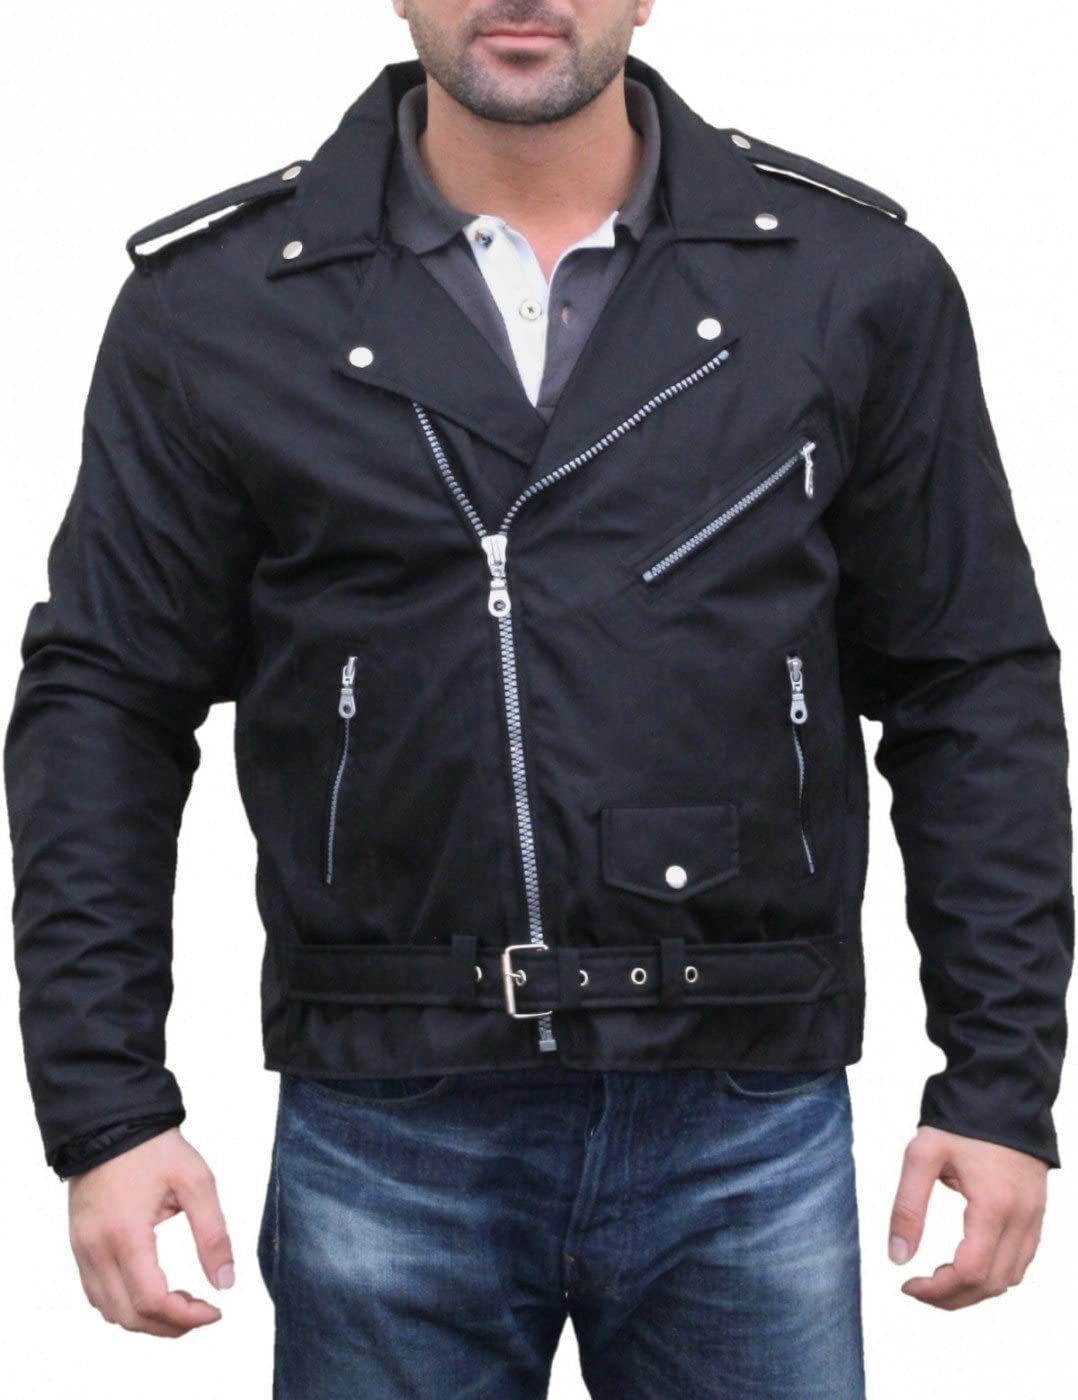 Gr/ö/ße:XL Chopper Motorradjacke Rockabilly Rockerjacke Brando Motorrad Textilien Jacke German Wear